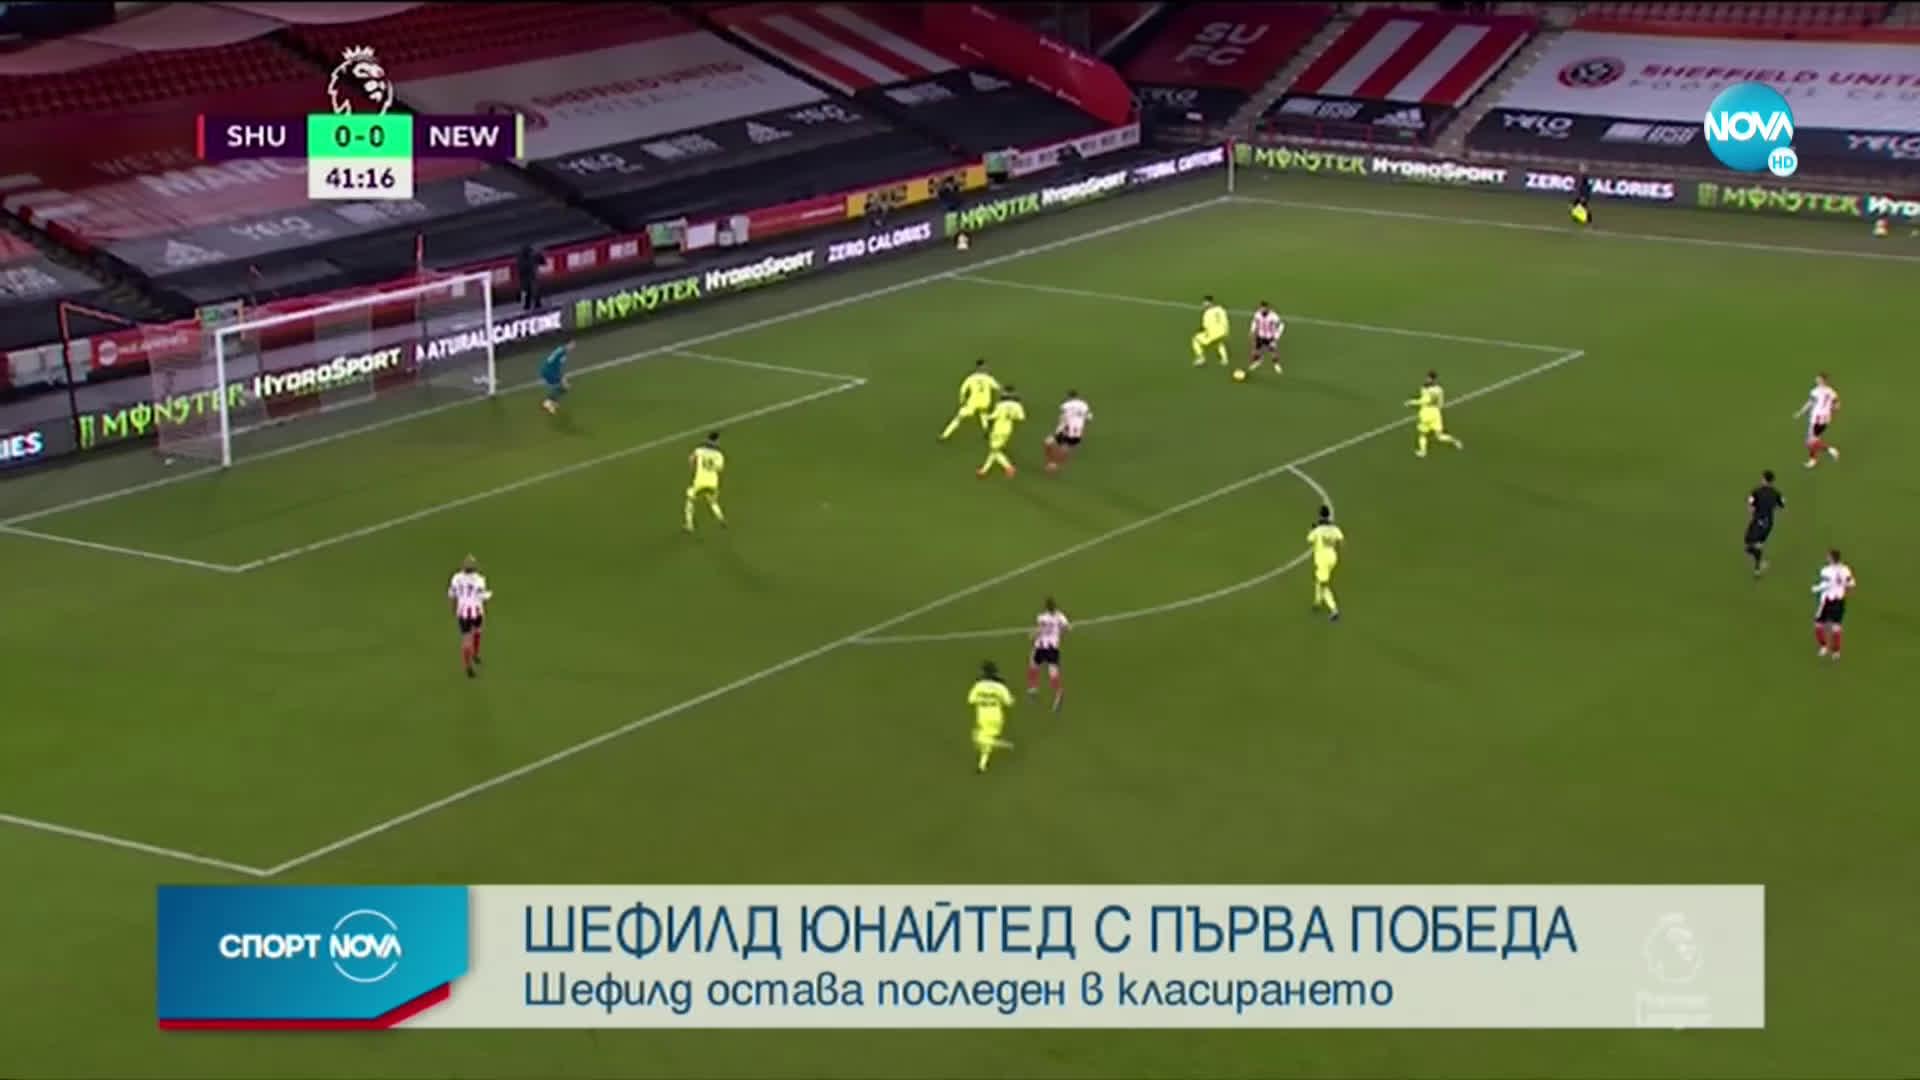 Спортни новини (12.01.2021 - късна емисия)